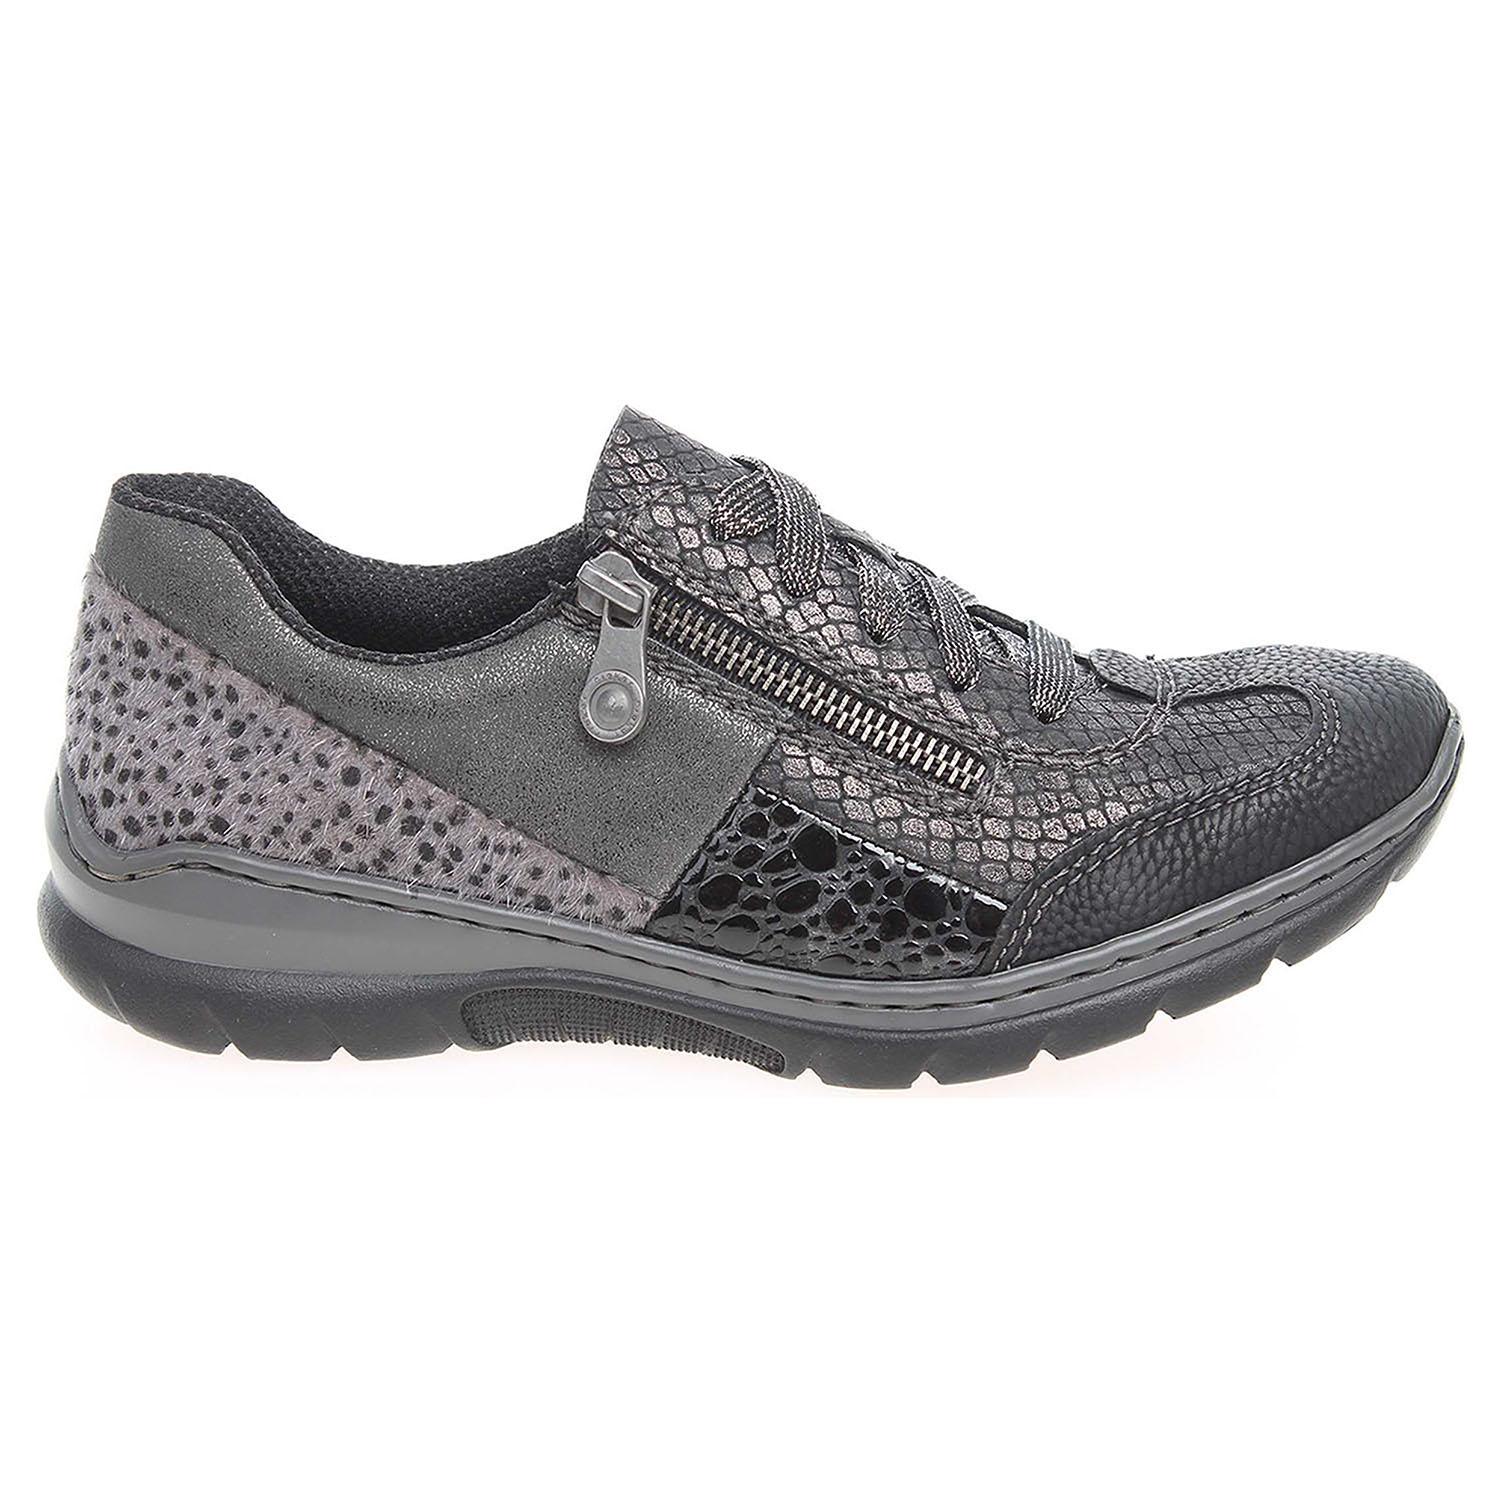 Ecco Rieker dámská obuv L3223-00 černá-šedá 23200575